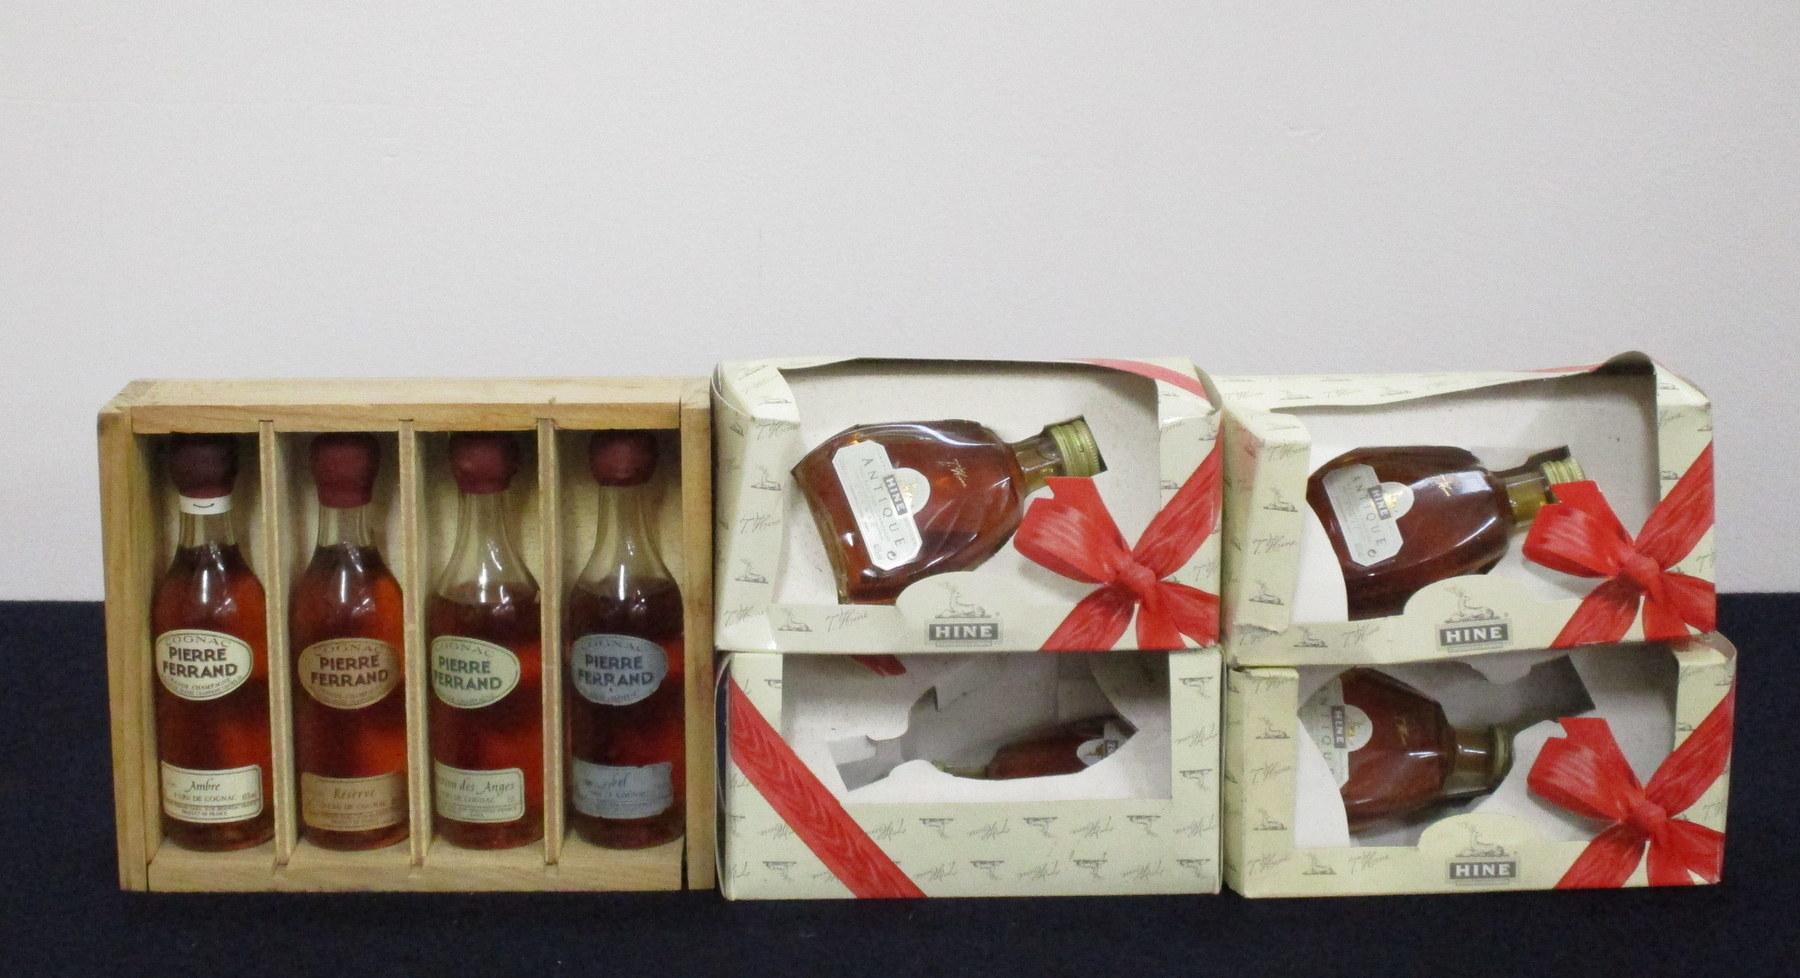 4 5-cl bts Pierre Ferrand Miniatures Grande Champagne Cognac incl:- Ambre, Réserve, Selection des